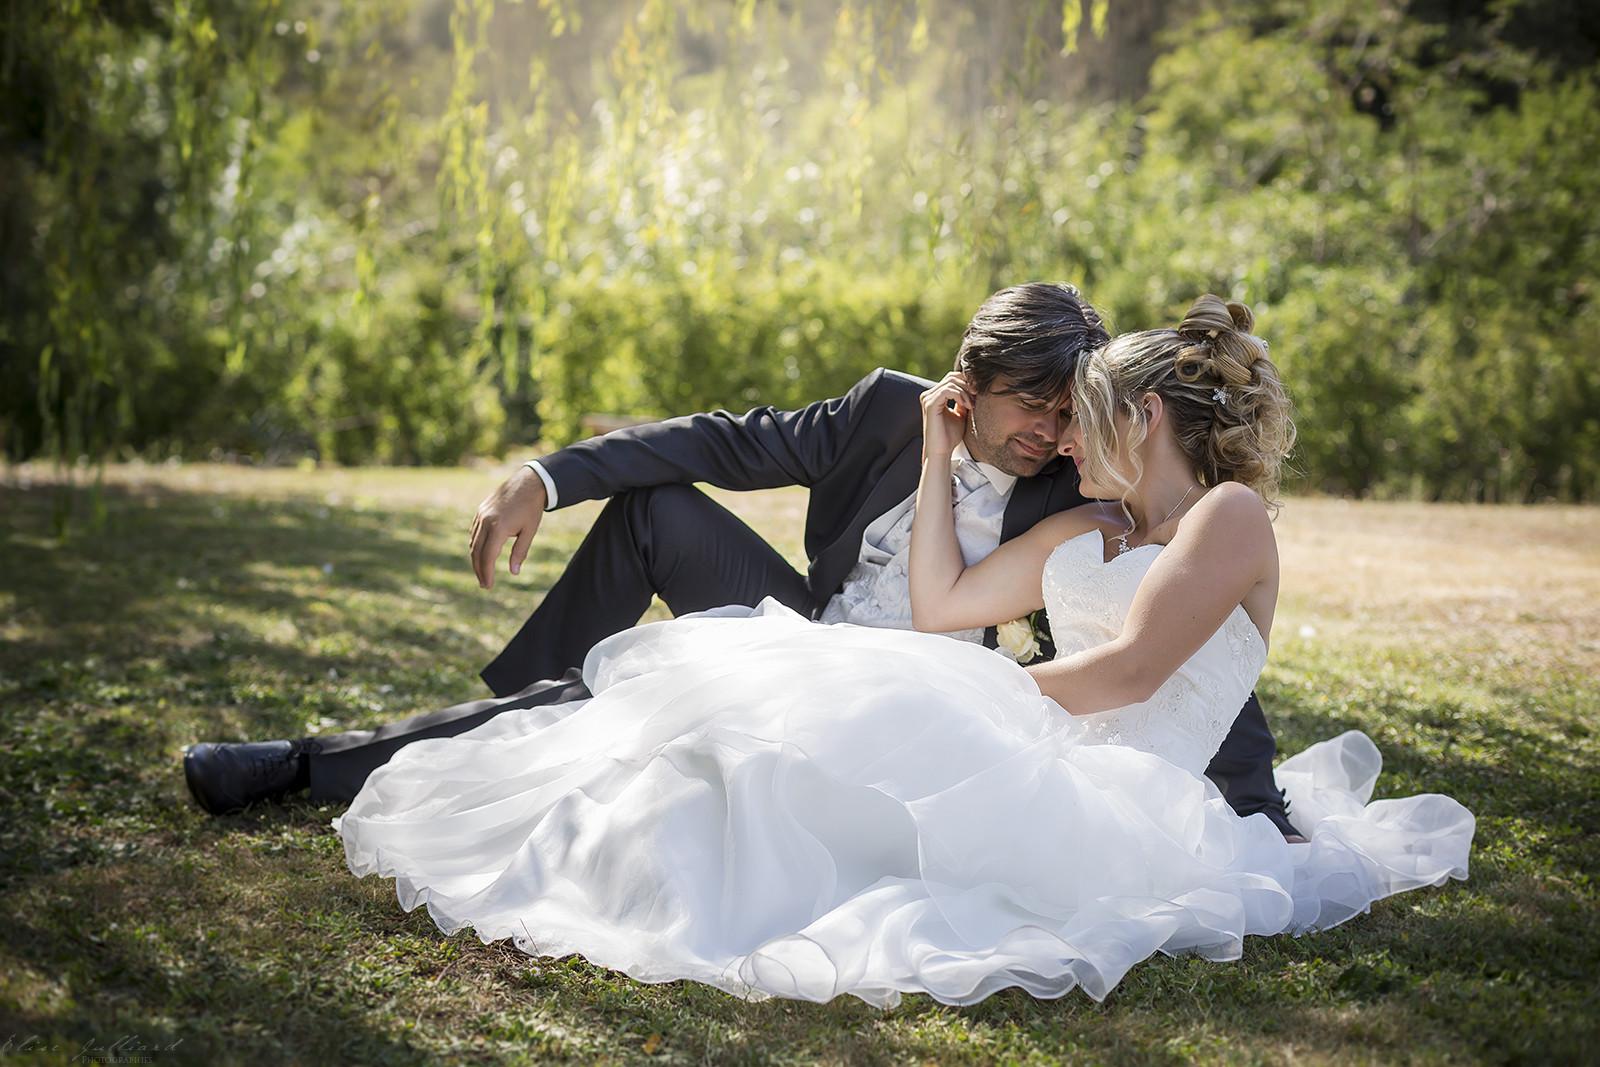 elise-julliard-photographe-lyon-rhone-alpes-mariage-wedding-amour-maries-provence-alpes-cote-dazur-seance-photo-couple-antibes-nice